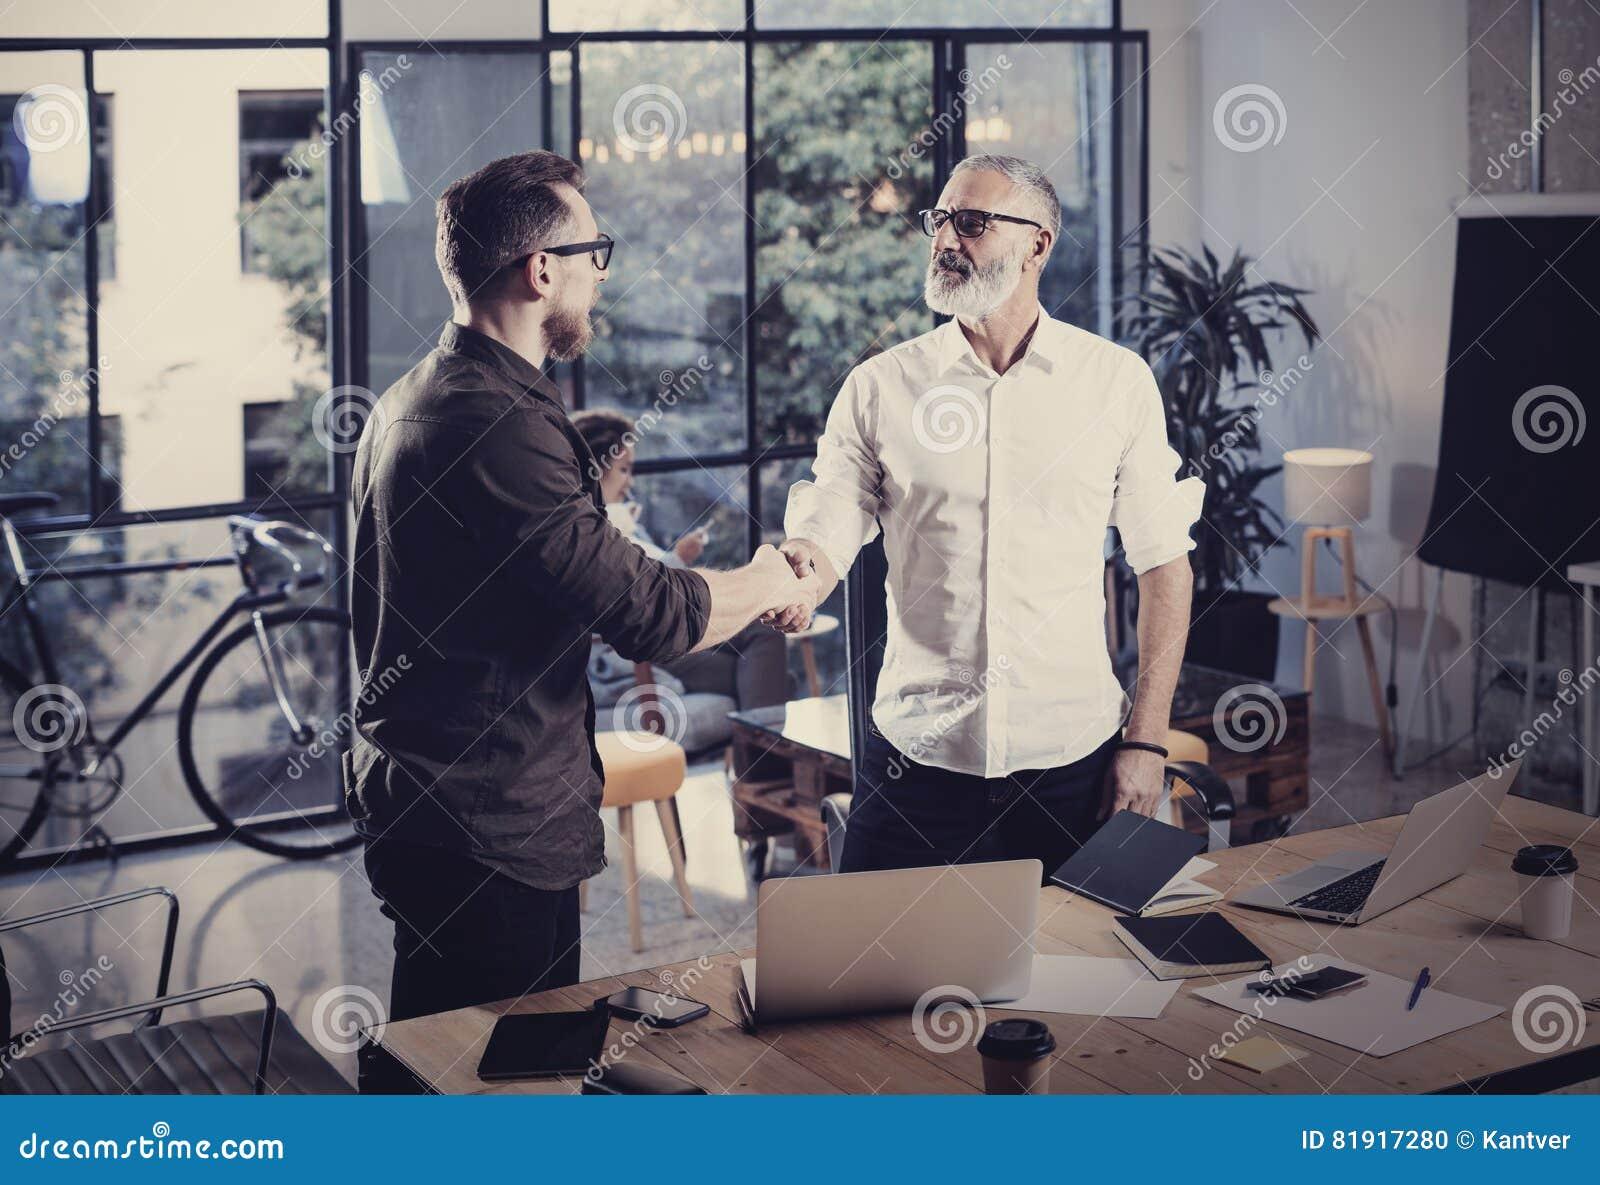 Pojęcie biznesowy partnerstwo uścisk dłoni Fotografii dwa businessmans handshaking proces Pomyślna transakcja po wielkiego spotka